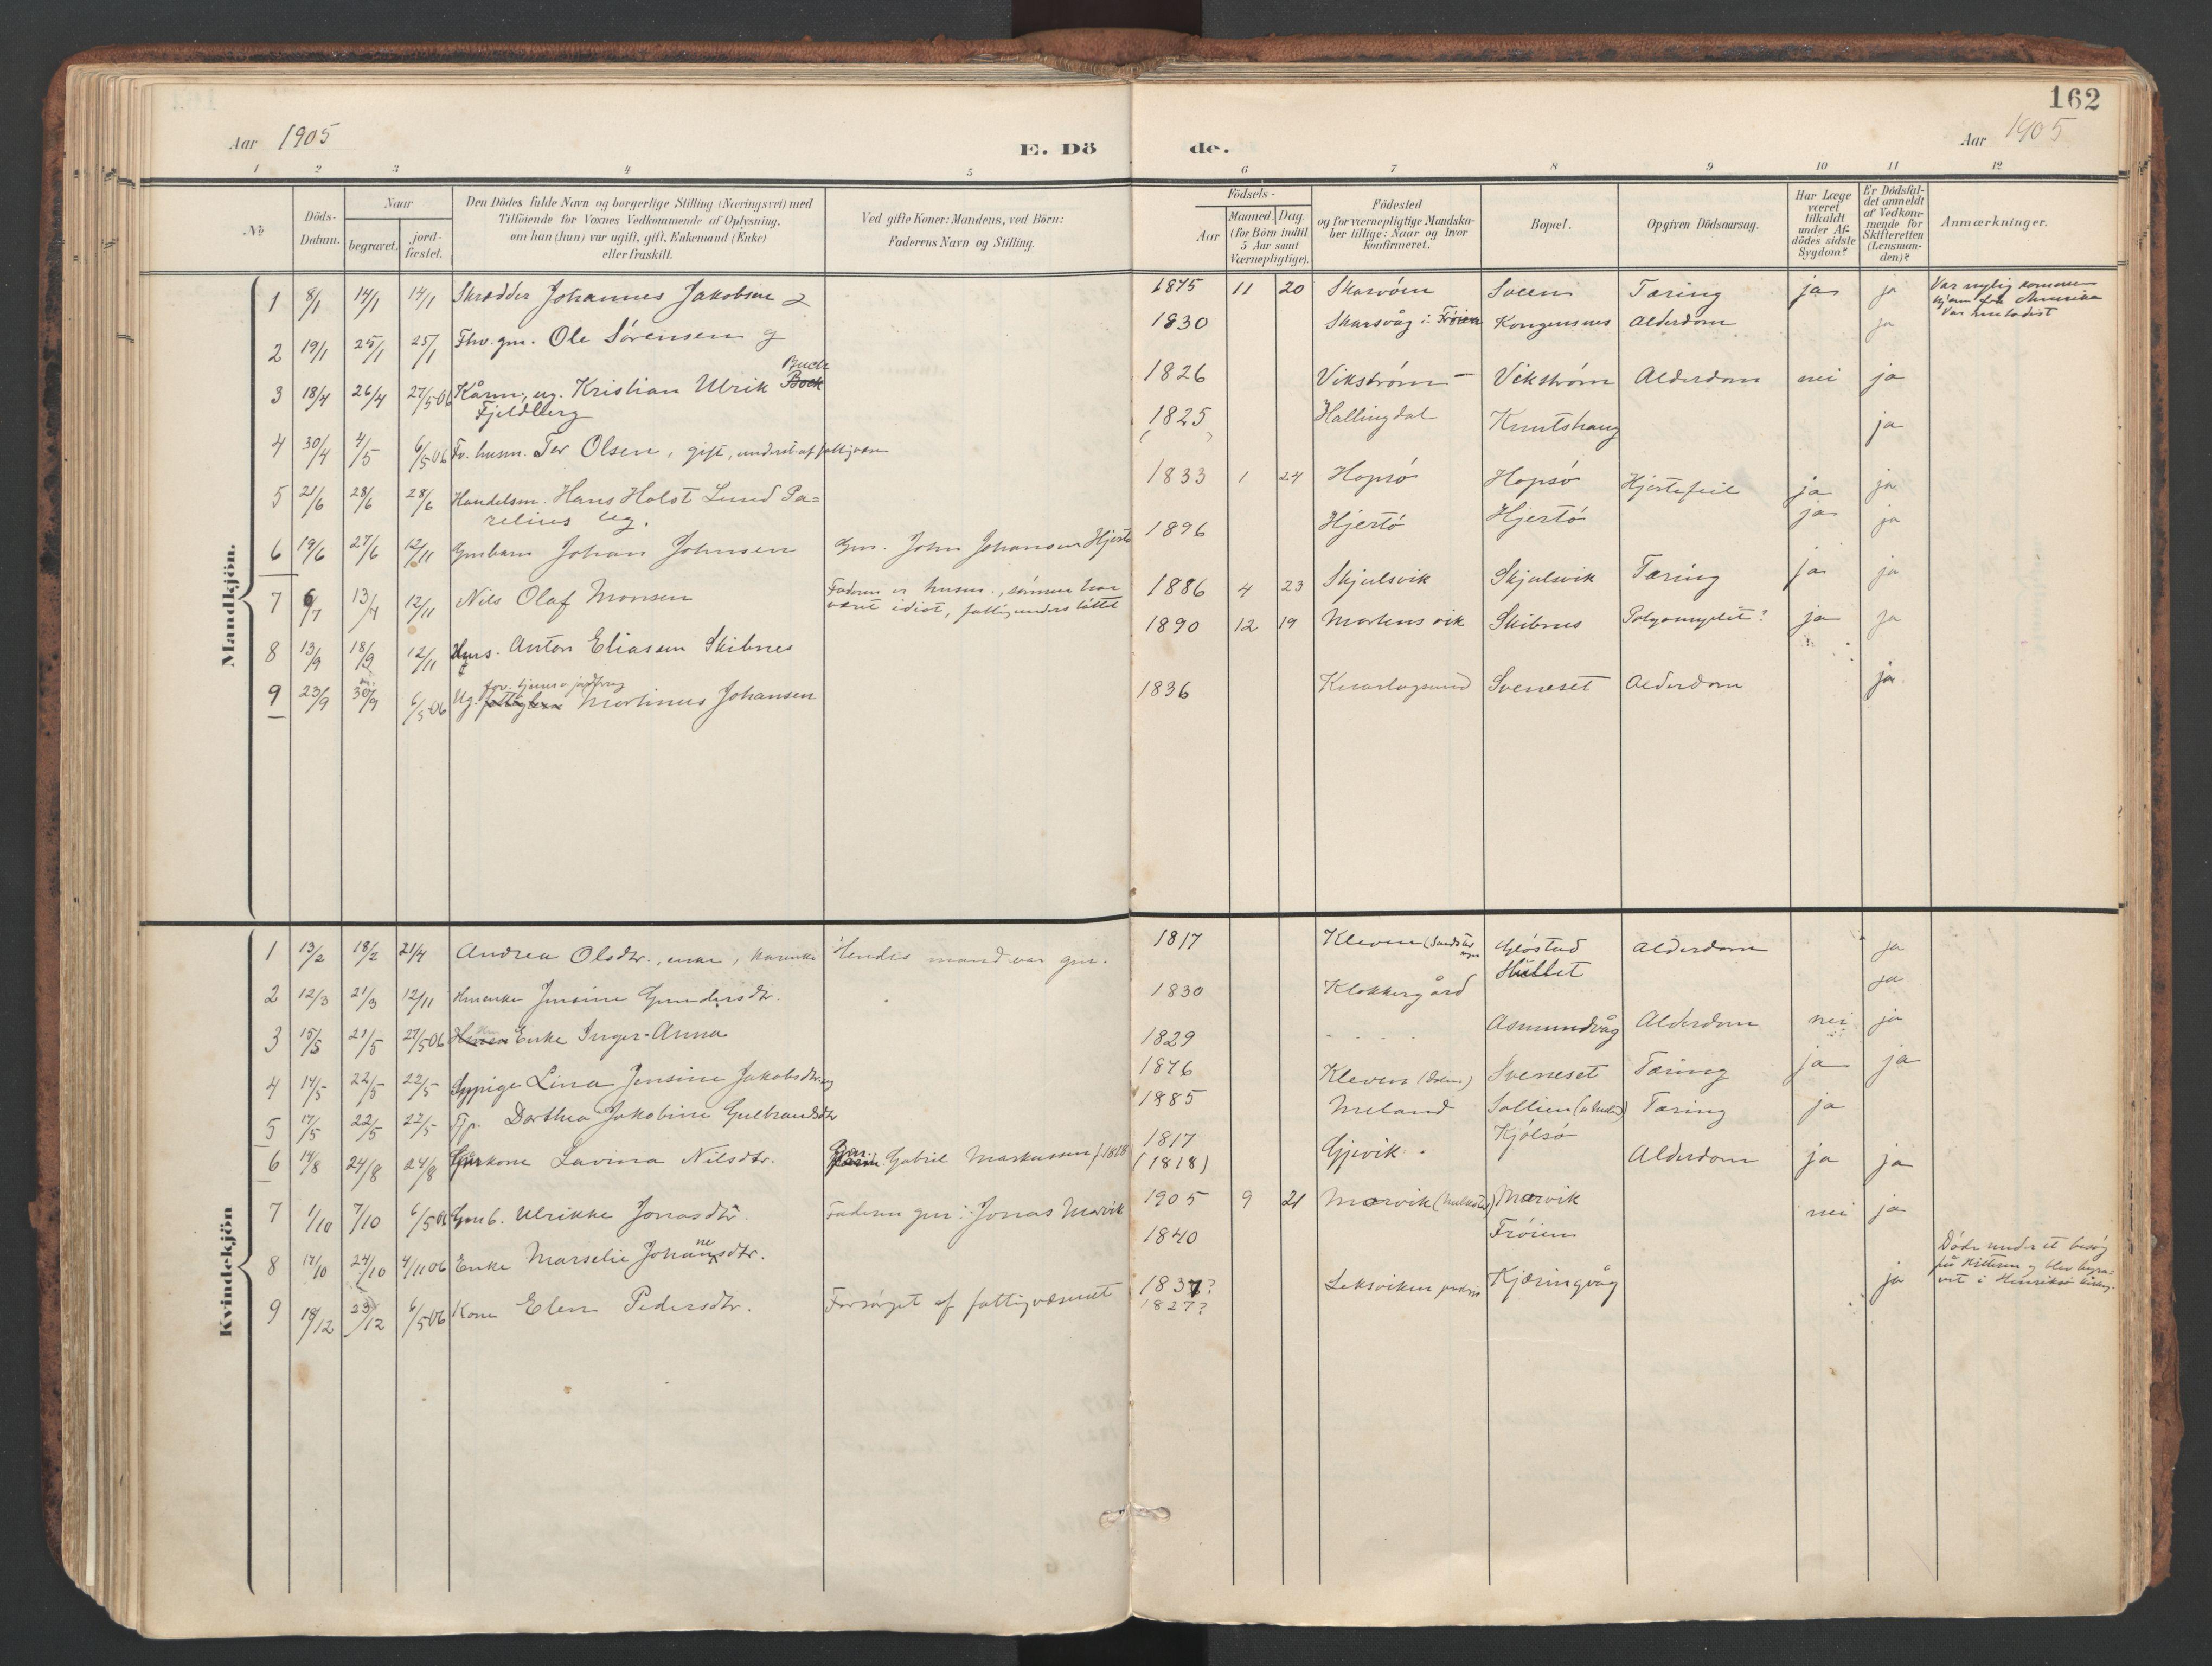 SAT, Ministerialprotokoller, klokkerbøker og fødselsregistre - Sør-Trøndelag, 634/L0537: Ministerialbok nr. 634A13, 1896-1922, s. 162